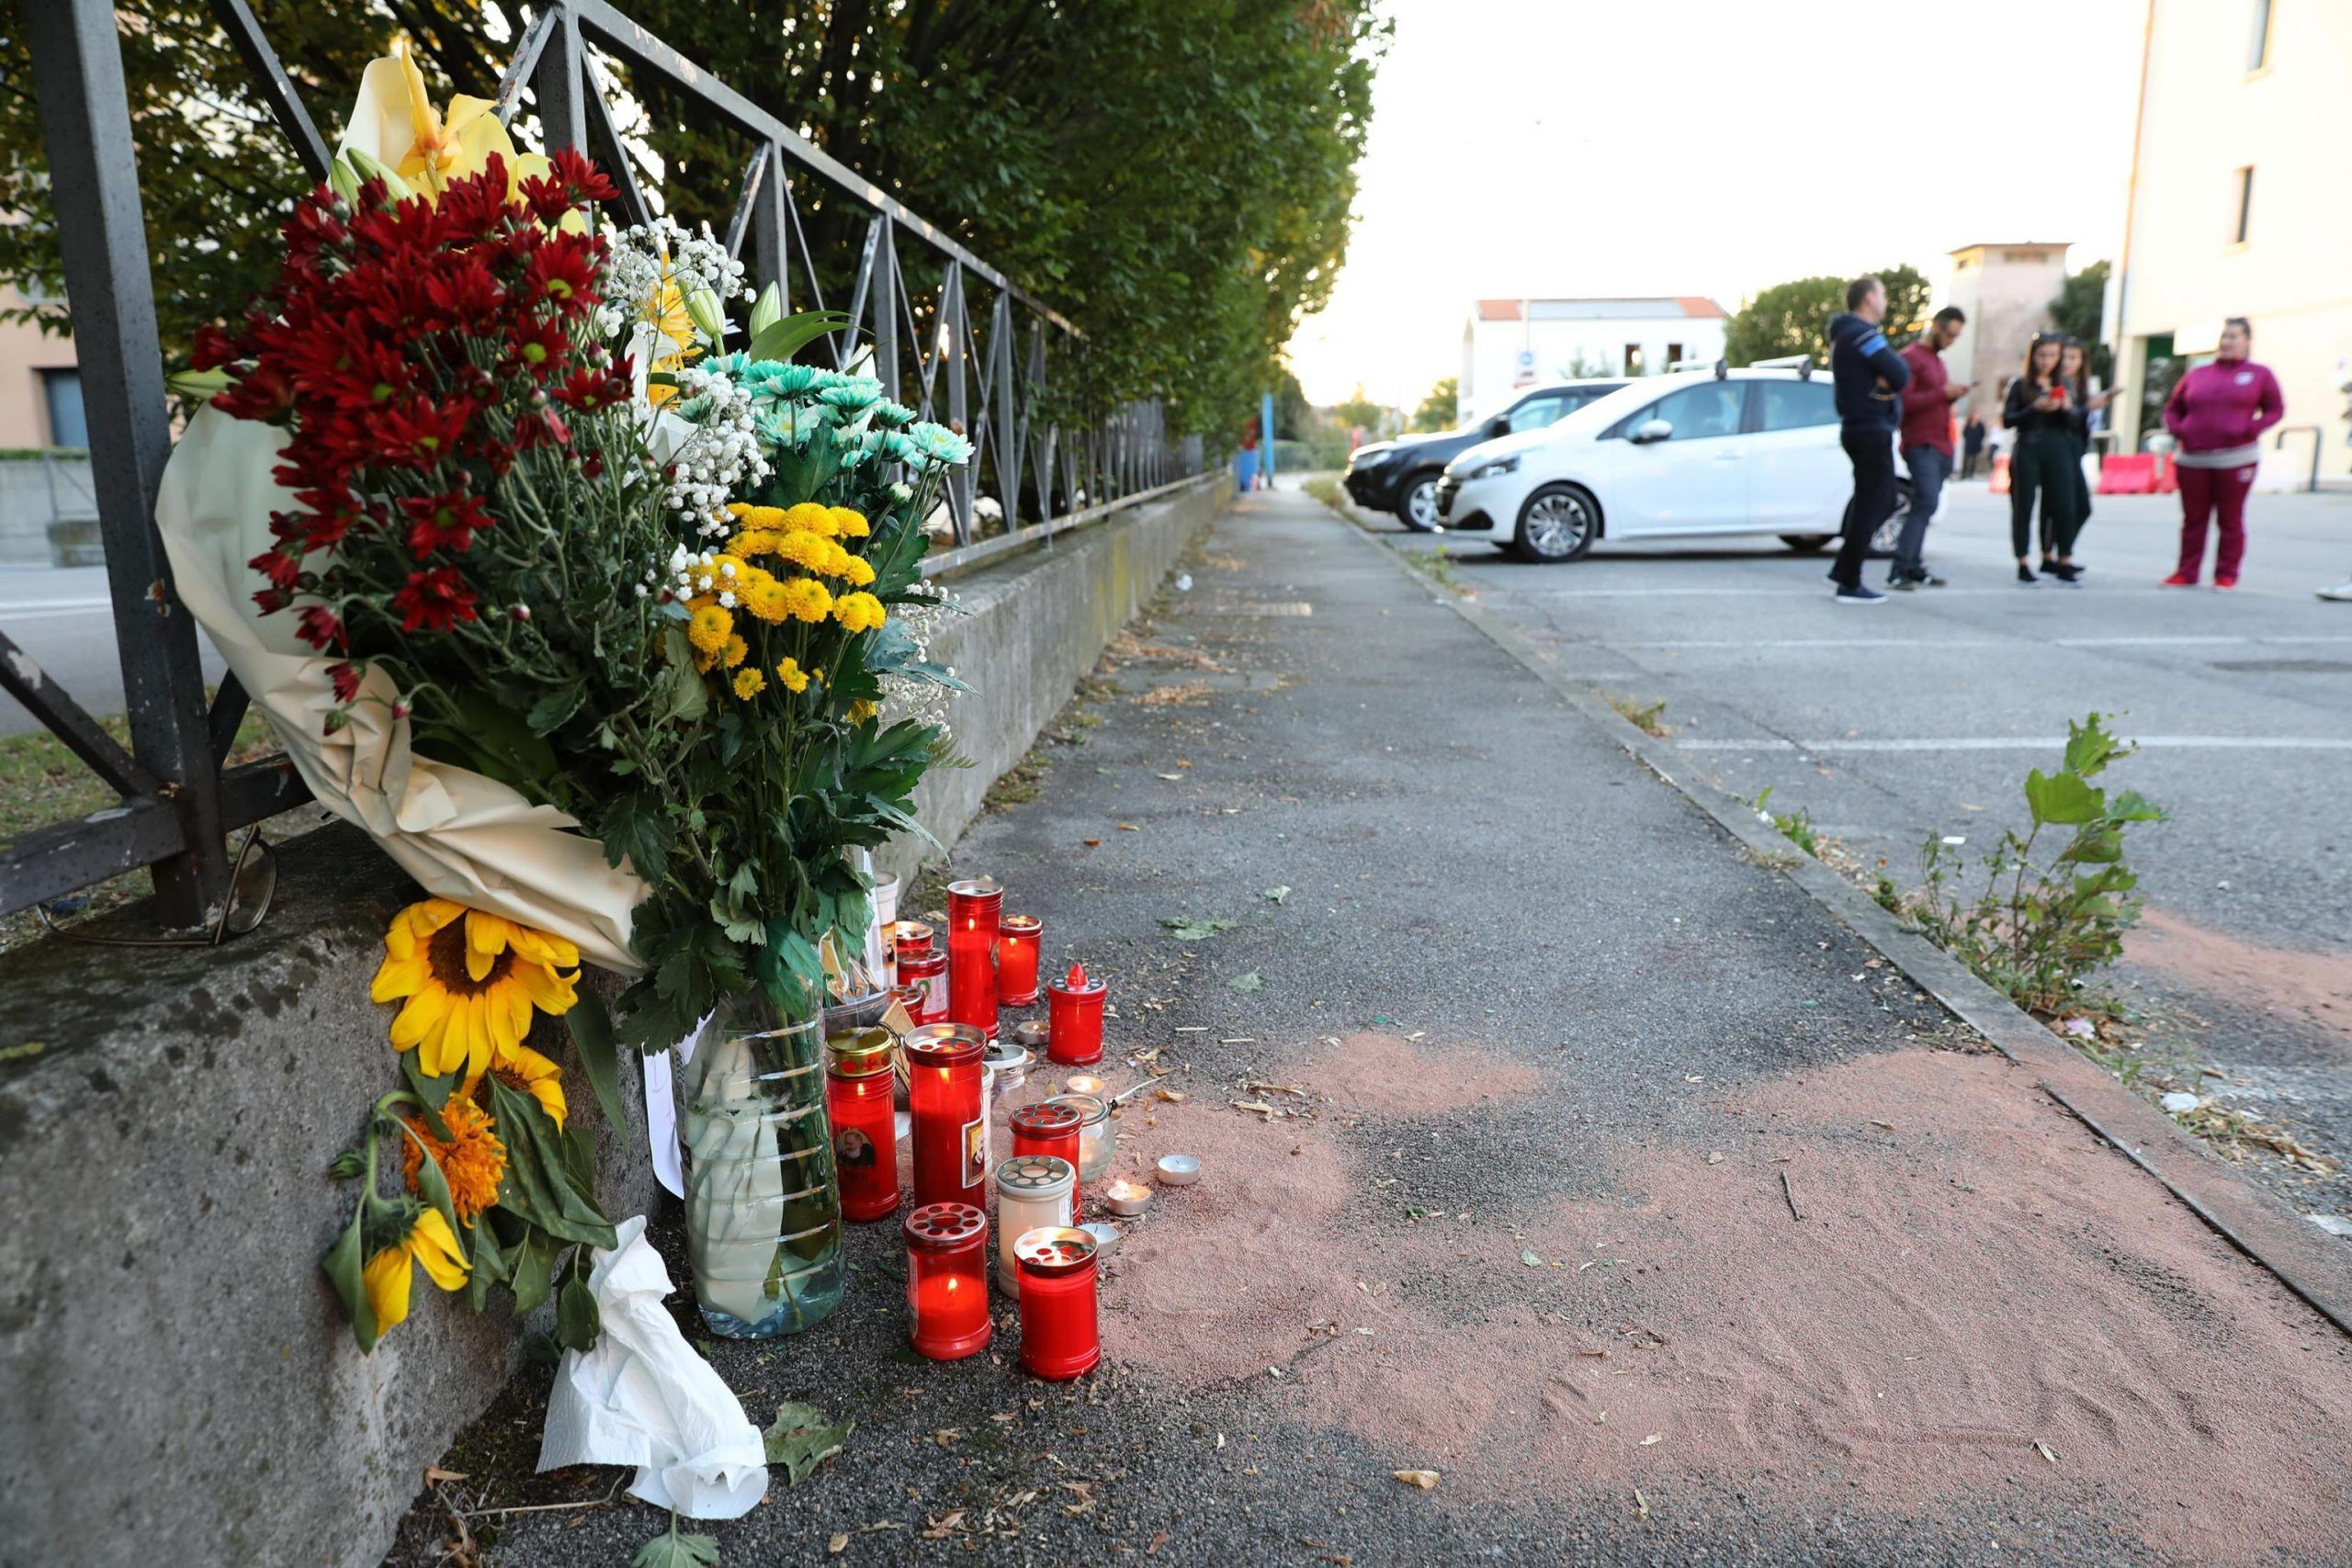 Treviso, strage a un addio al celibato: muore accoltellato un 21enne, 7 i feriti